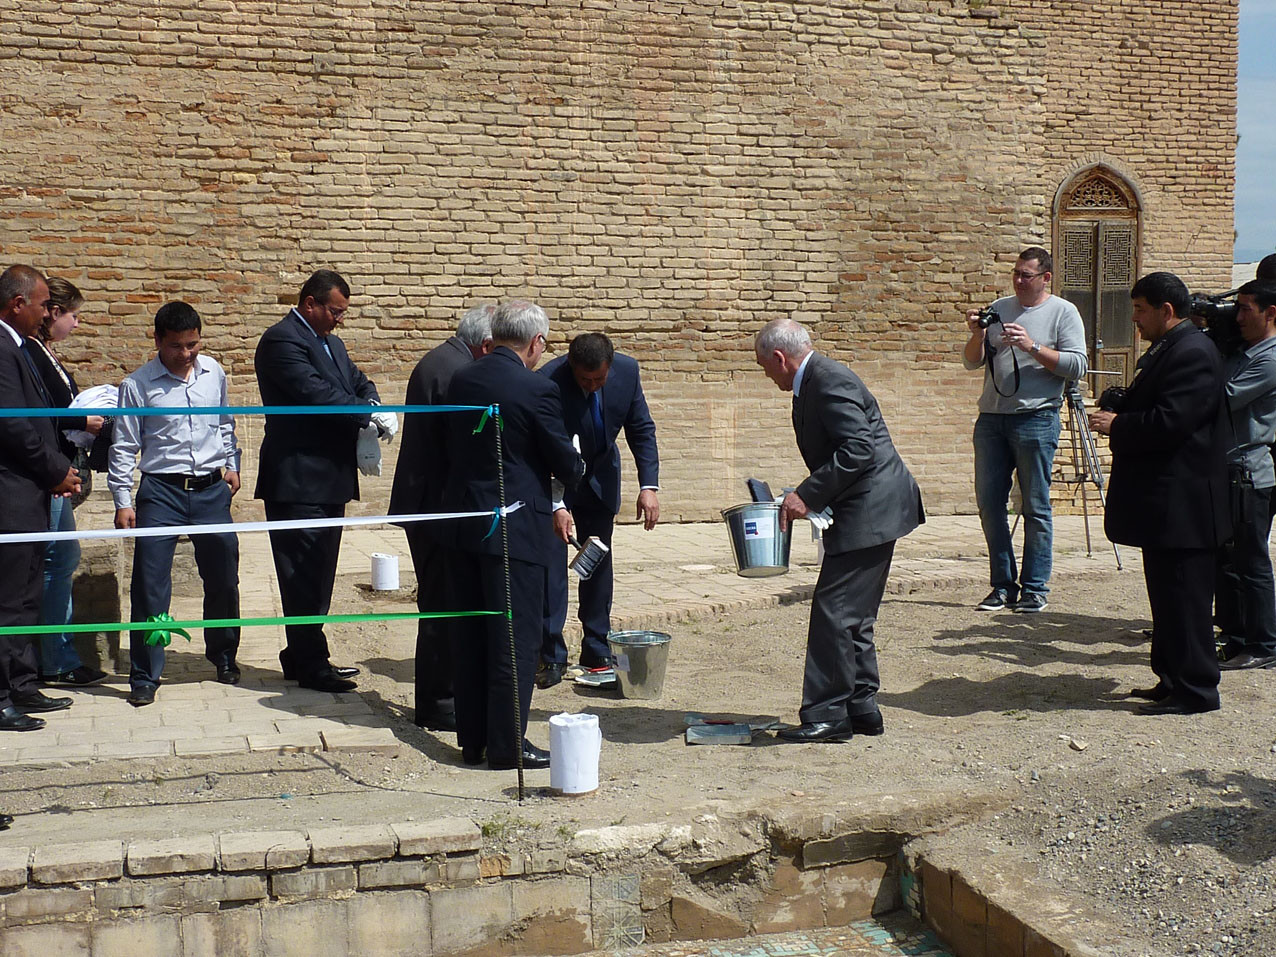 Inauguration avec la symbolique peletée de sable côté français et côté ouzbek (Socra, 2012)